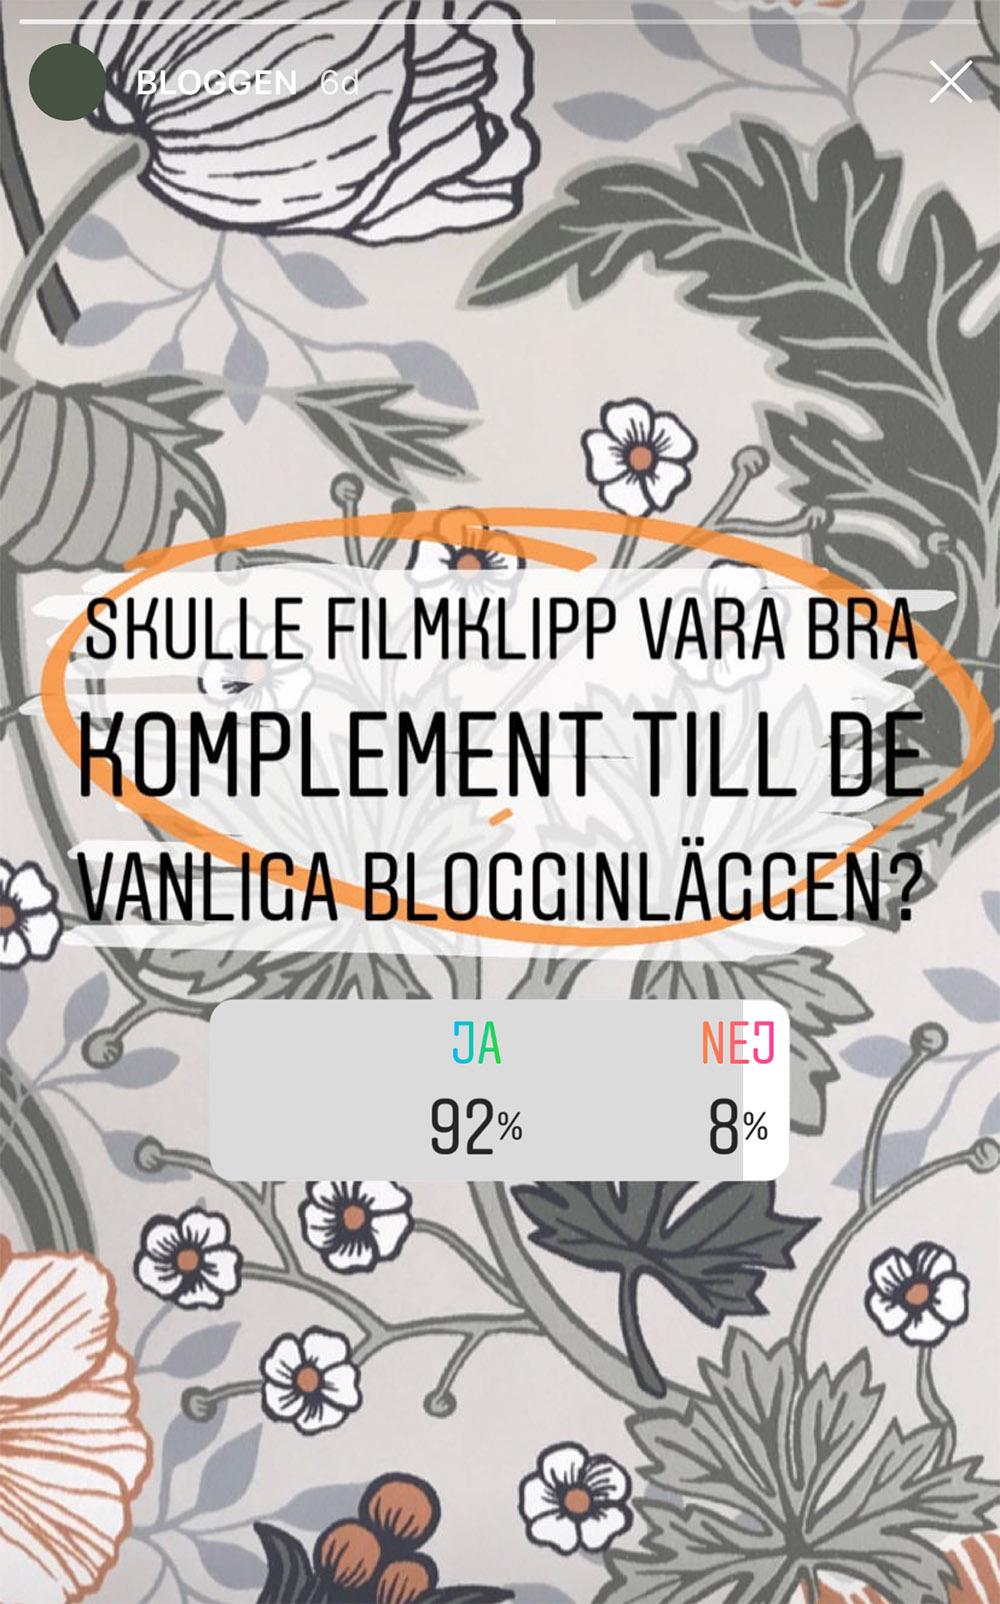 Film på bloggen - fixaodona.se